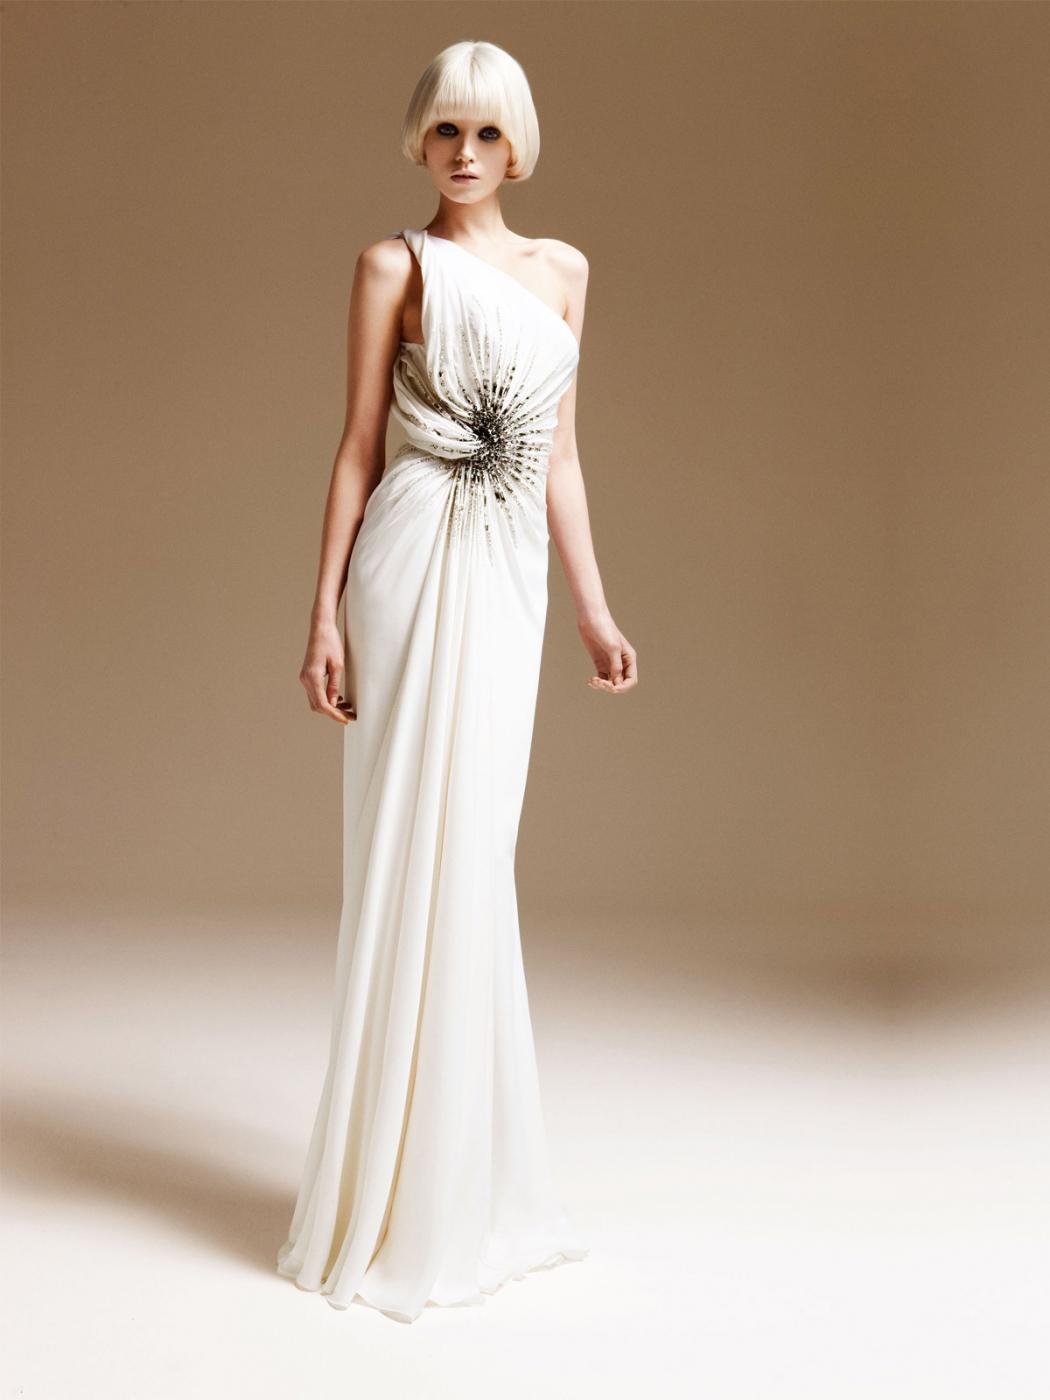 Versace Dresses Summer 2011